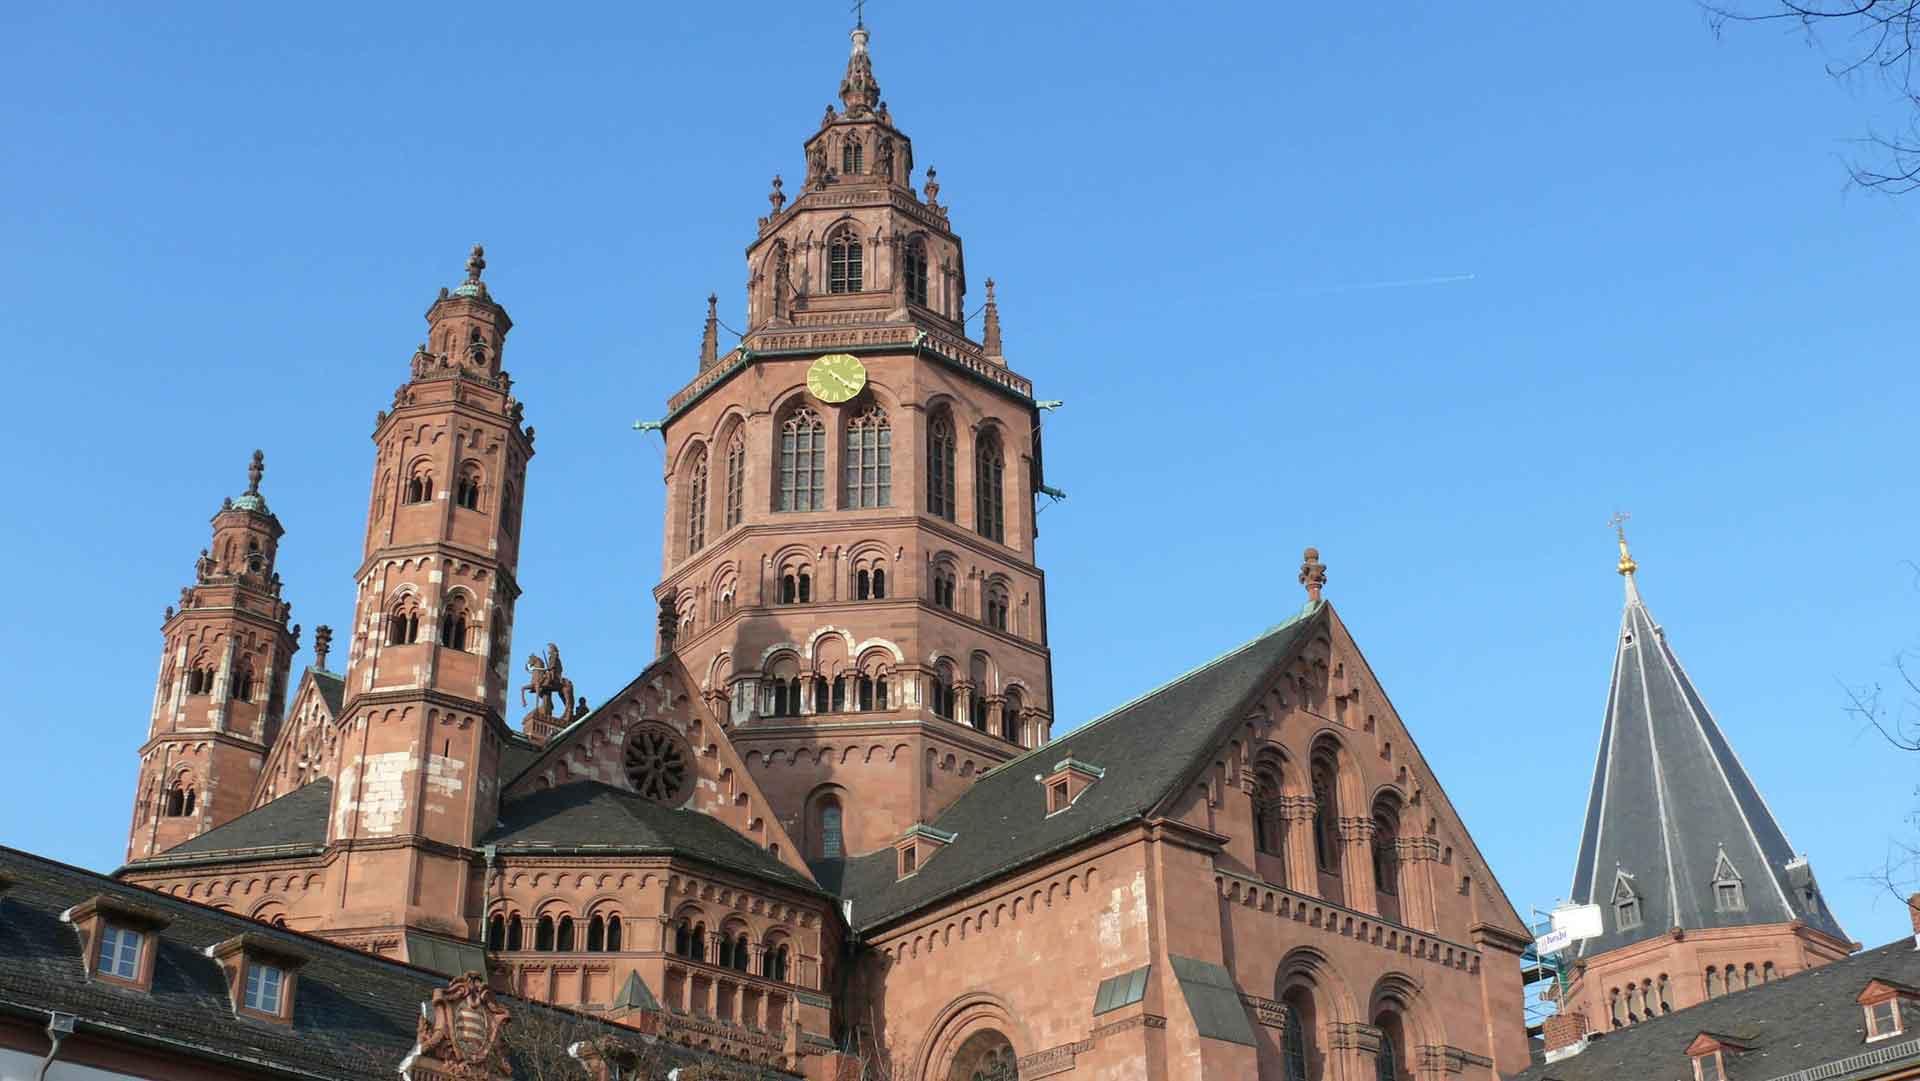 De prachtige dom van Mainz.